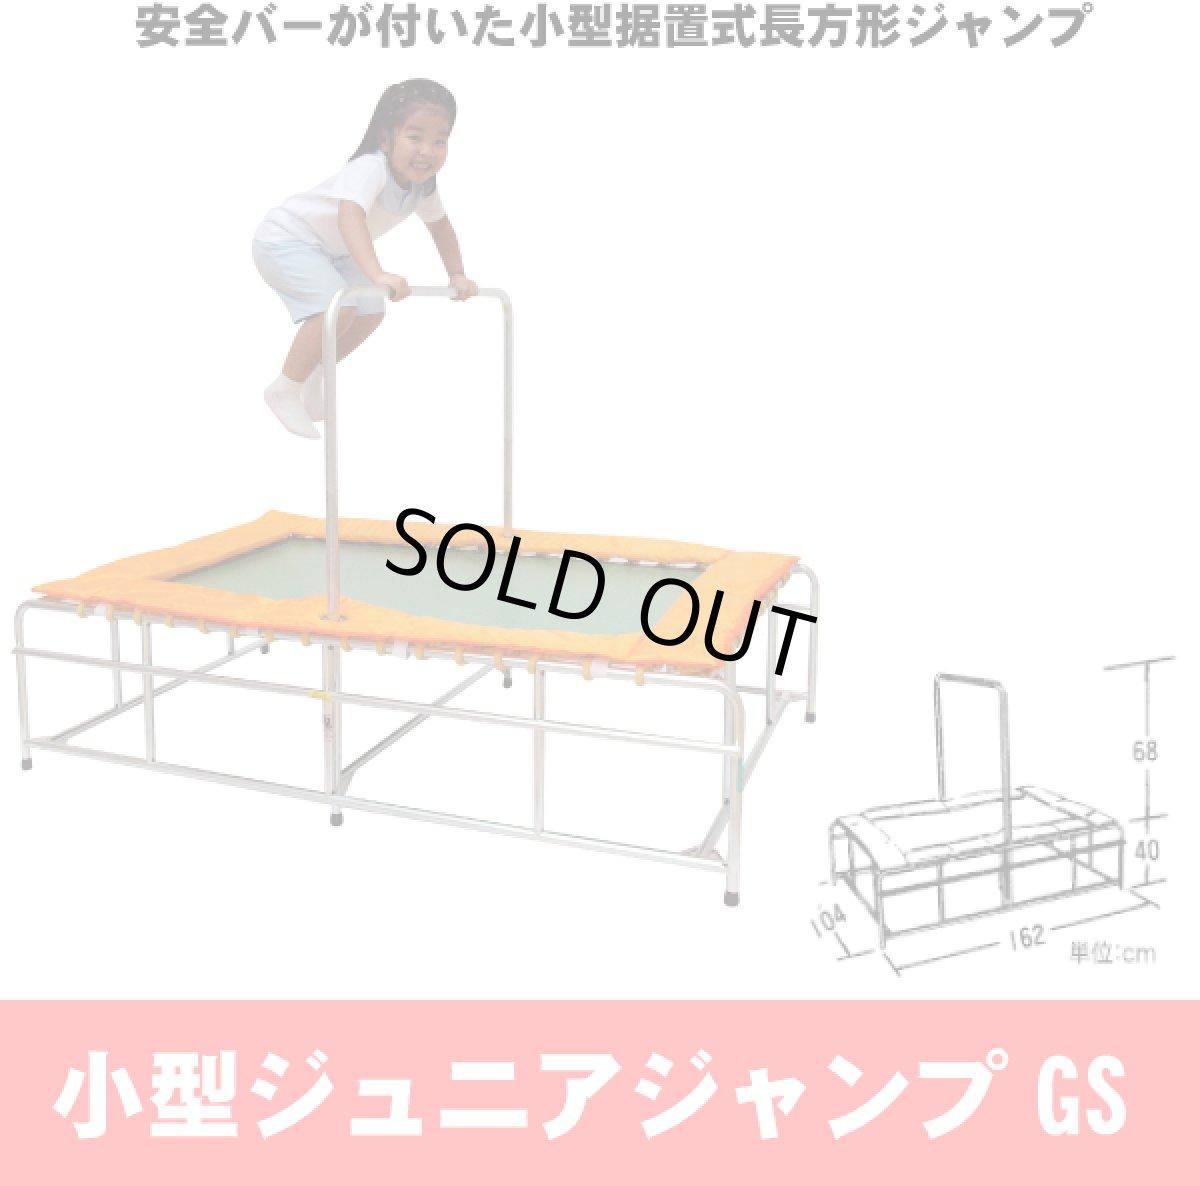 画像1: 小型ジュニアジャンプ (1)